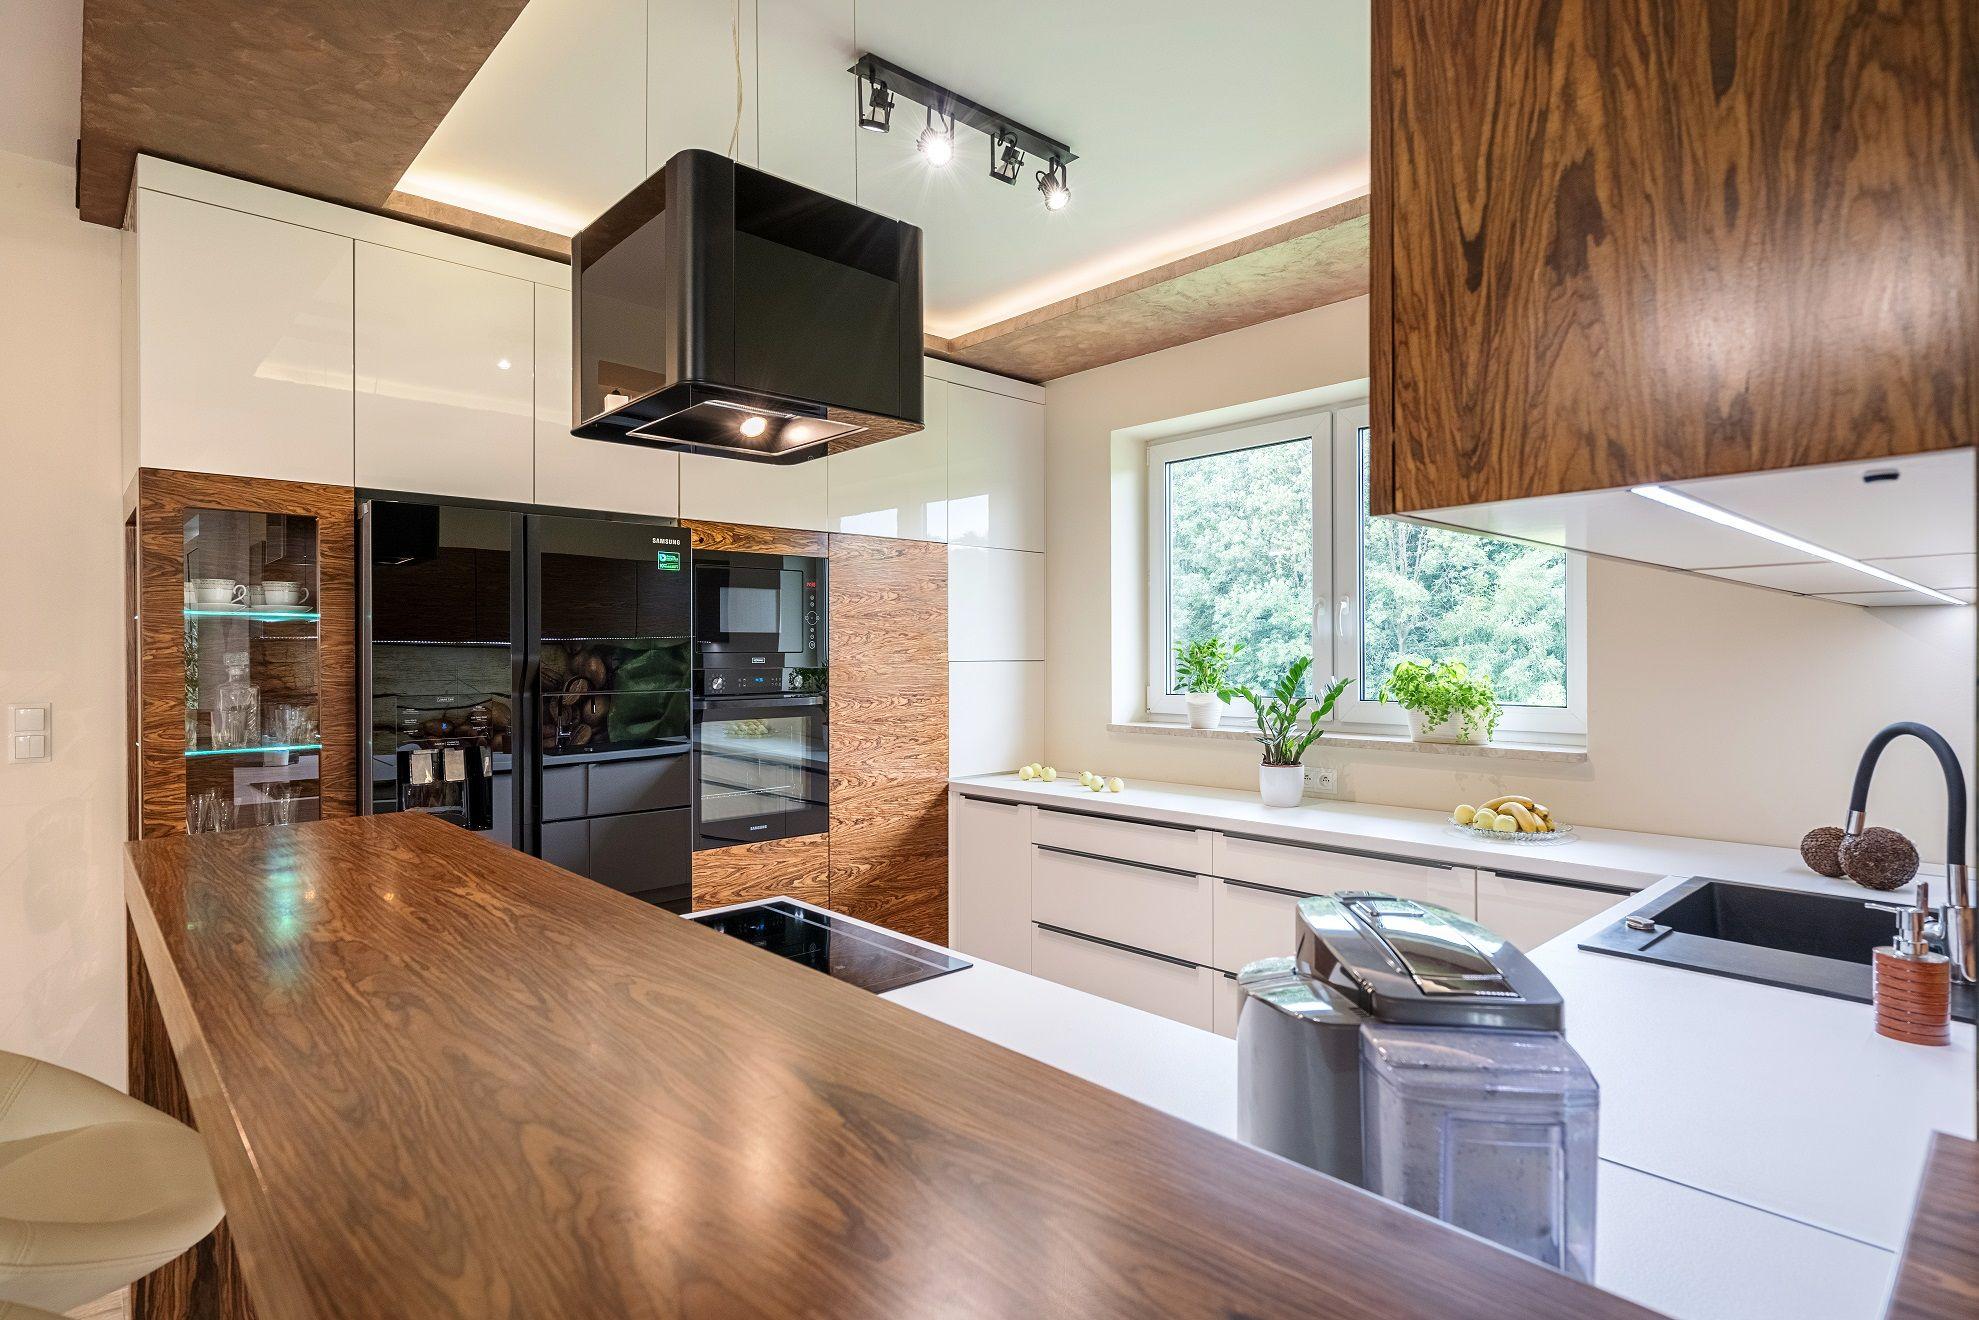 Biale Fronty Szafek Przelamano Fornirem Na Wysoki Polysk Dzieki Czemu Wnetrze Sprawia Wrazenie Bardziej Przytulnego Kuchnia Des Kitchen Home Decor Furniture